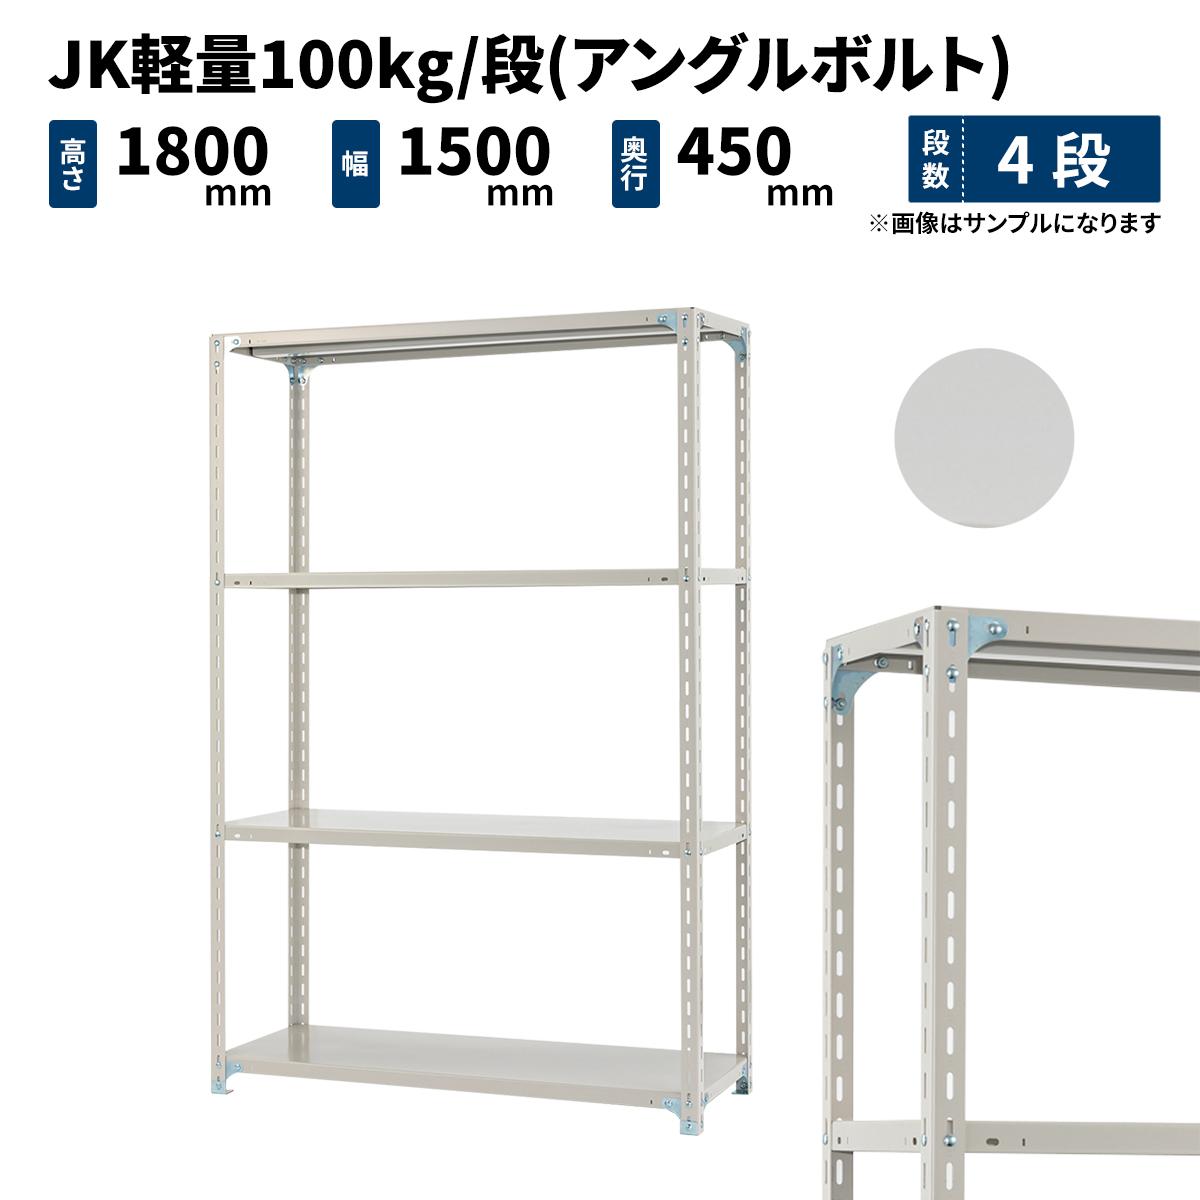 スチールラック 業務用 JK軽量100kg/段(アングルボルト) 高さ1800×幅1500×奥行450mm 4段 ホワイトグレー (40kg) JK100BT-181545-4